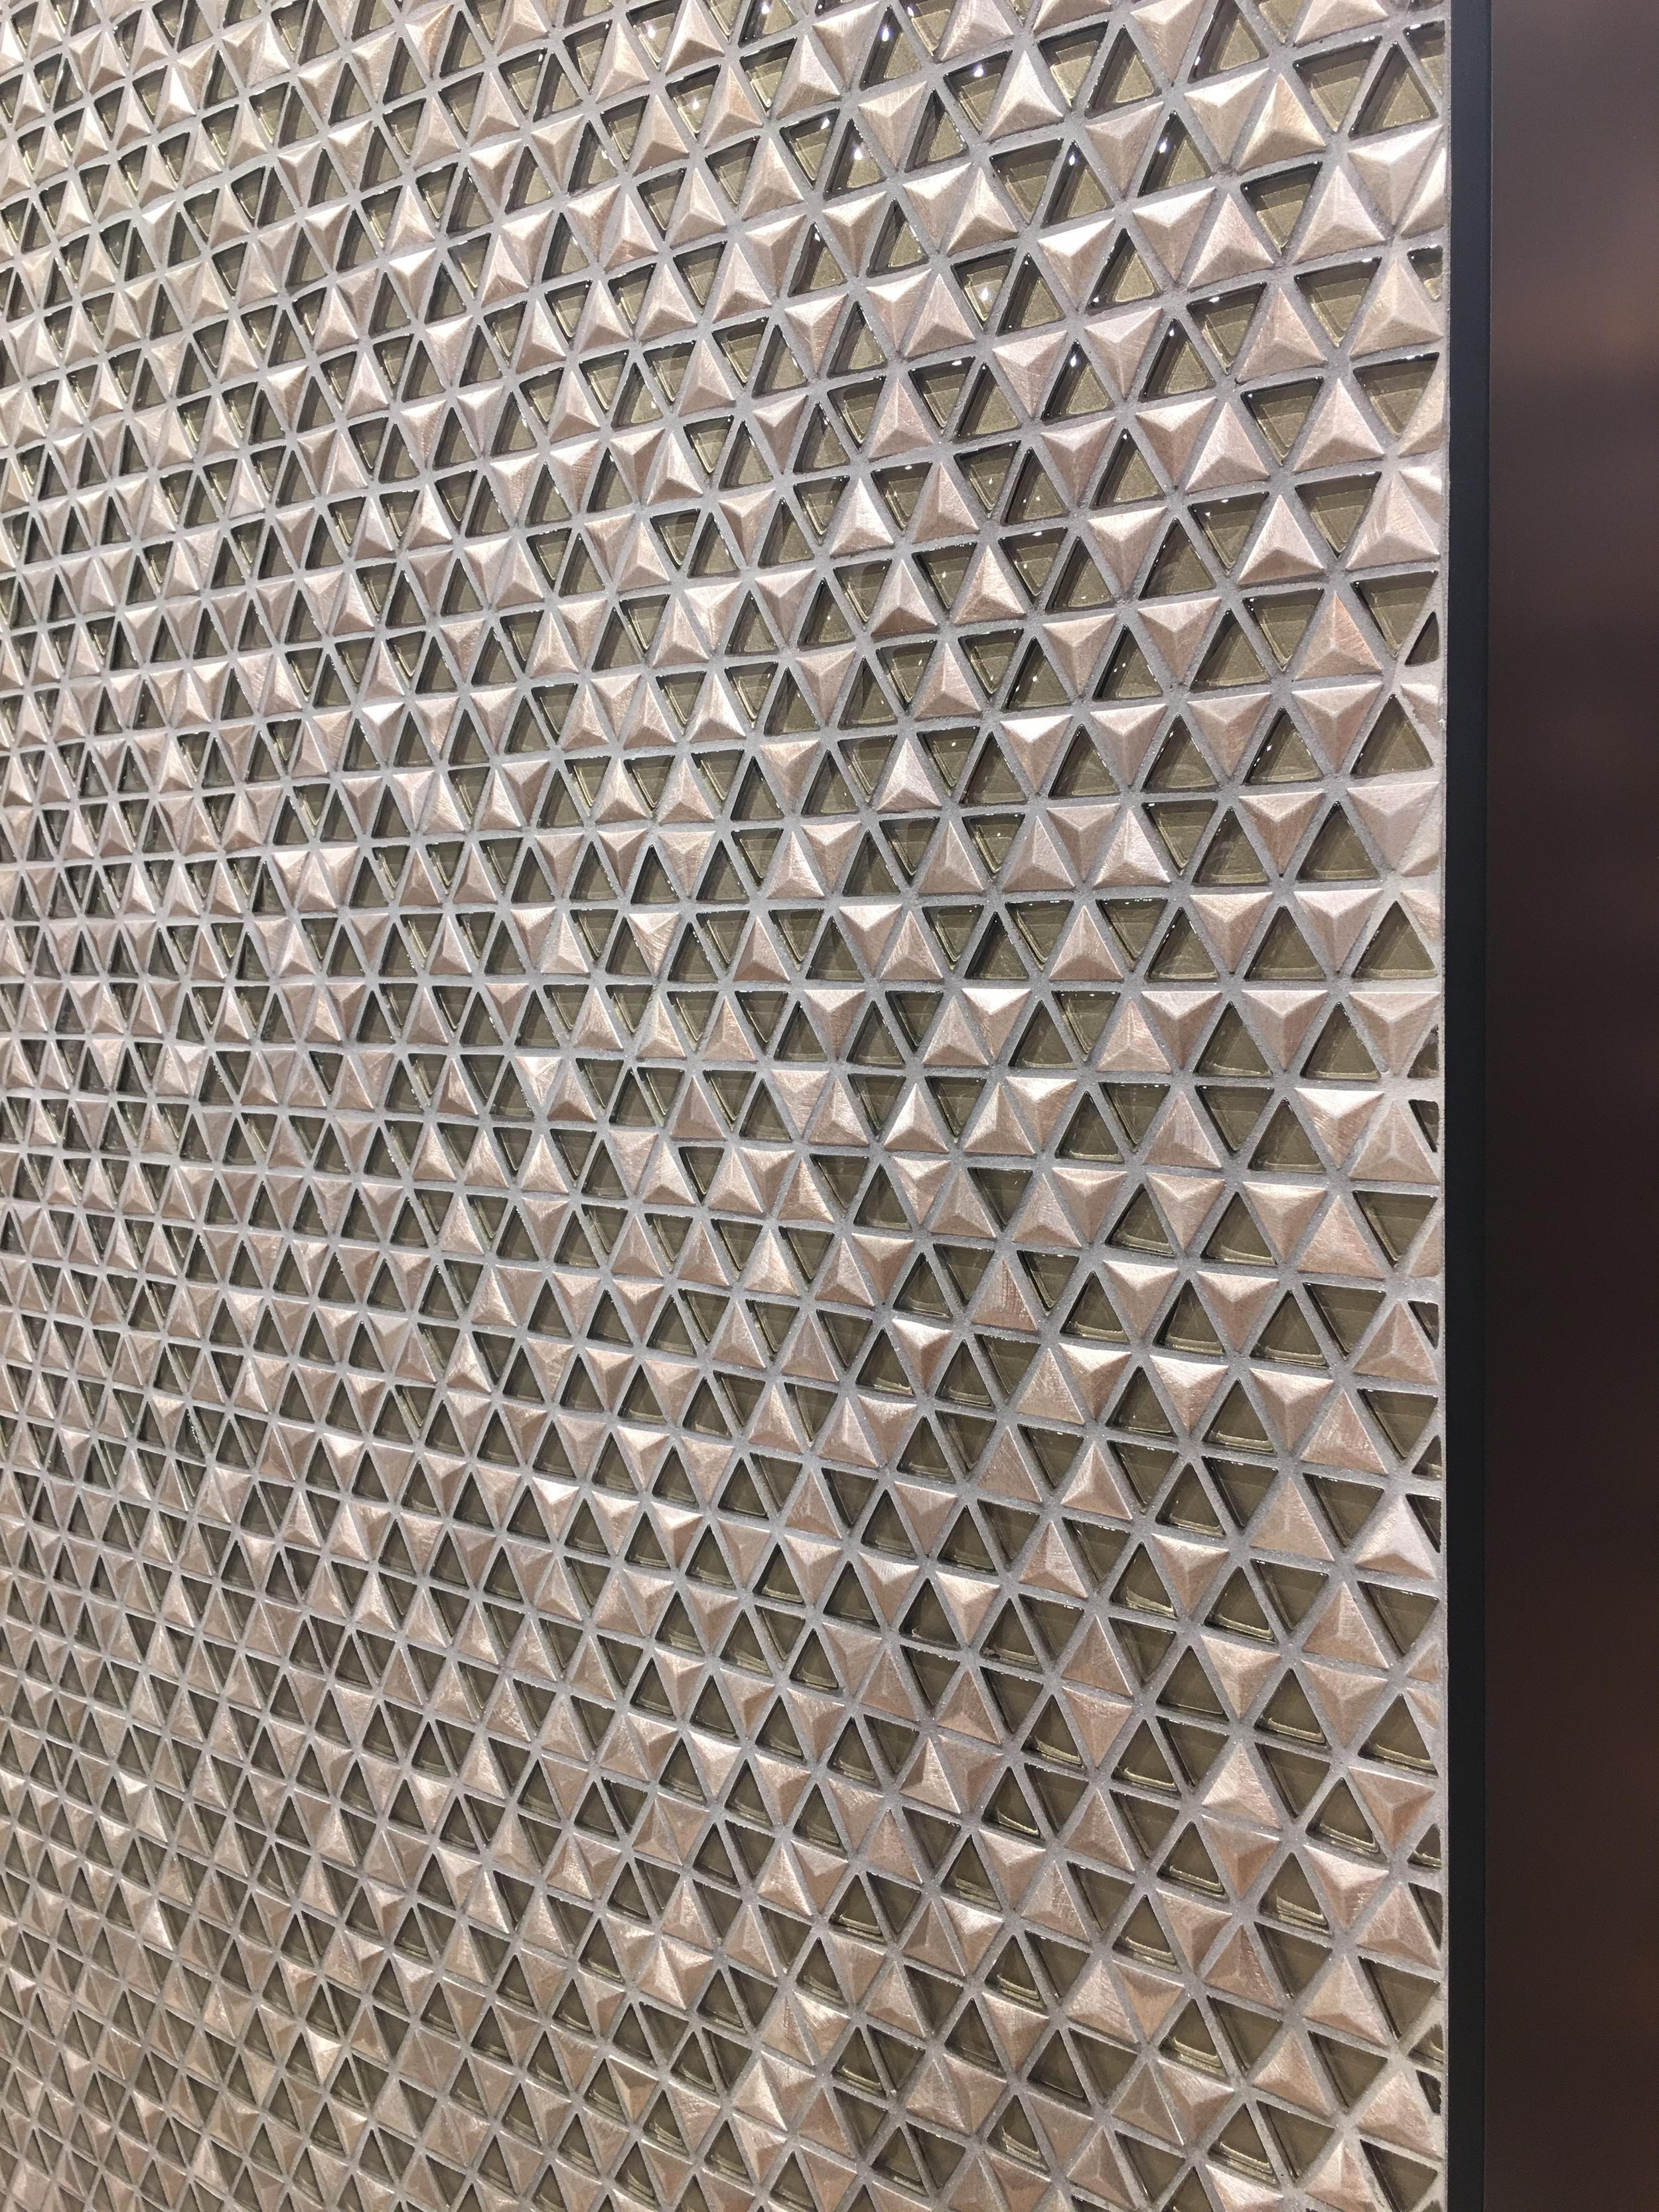 Lovely pyramid mosaic sheets